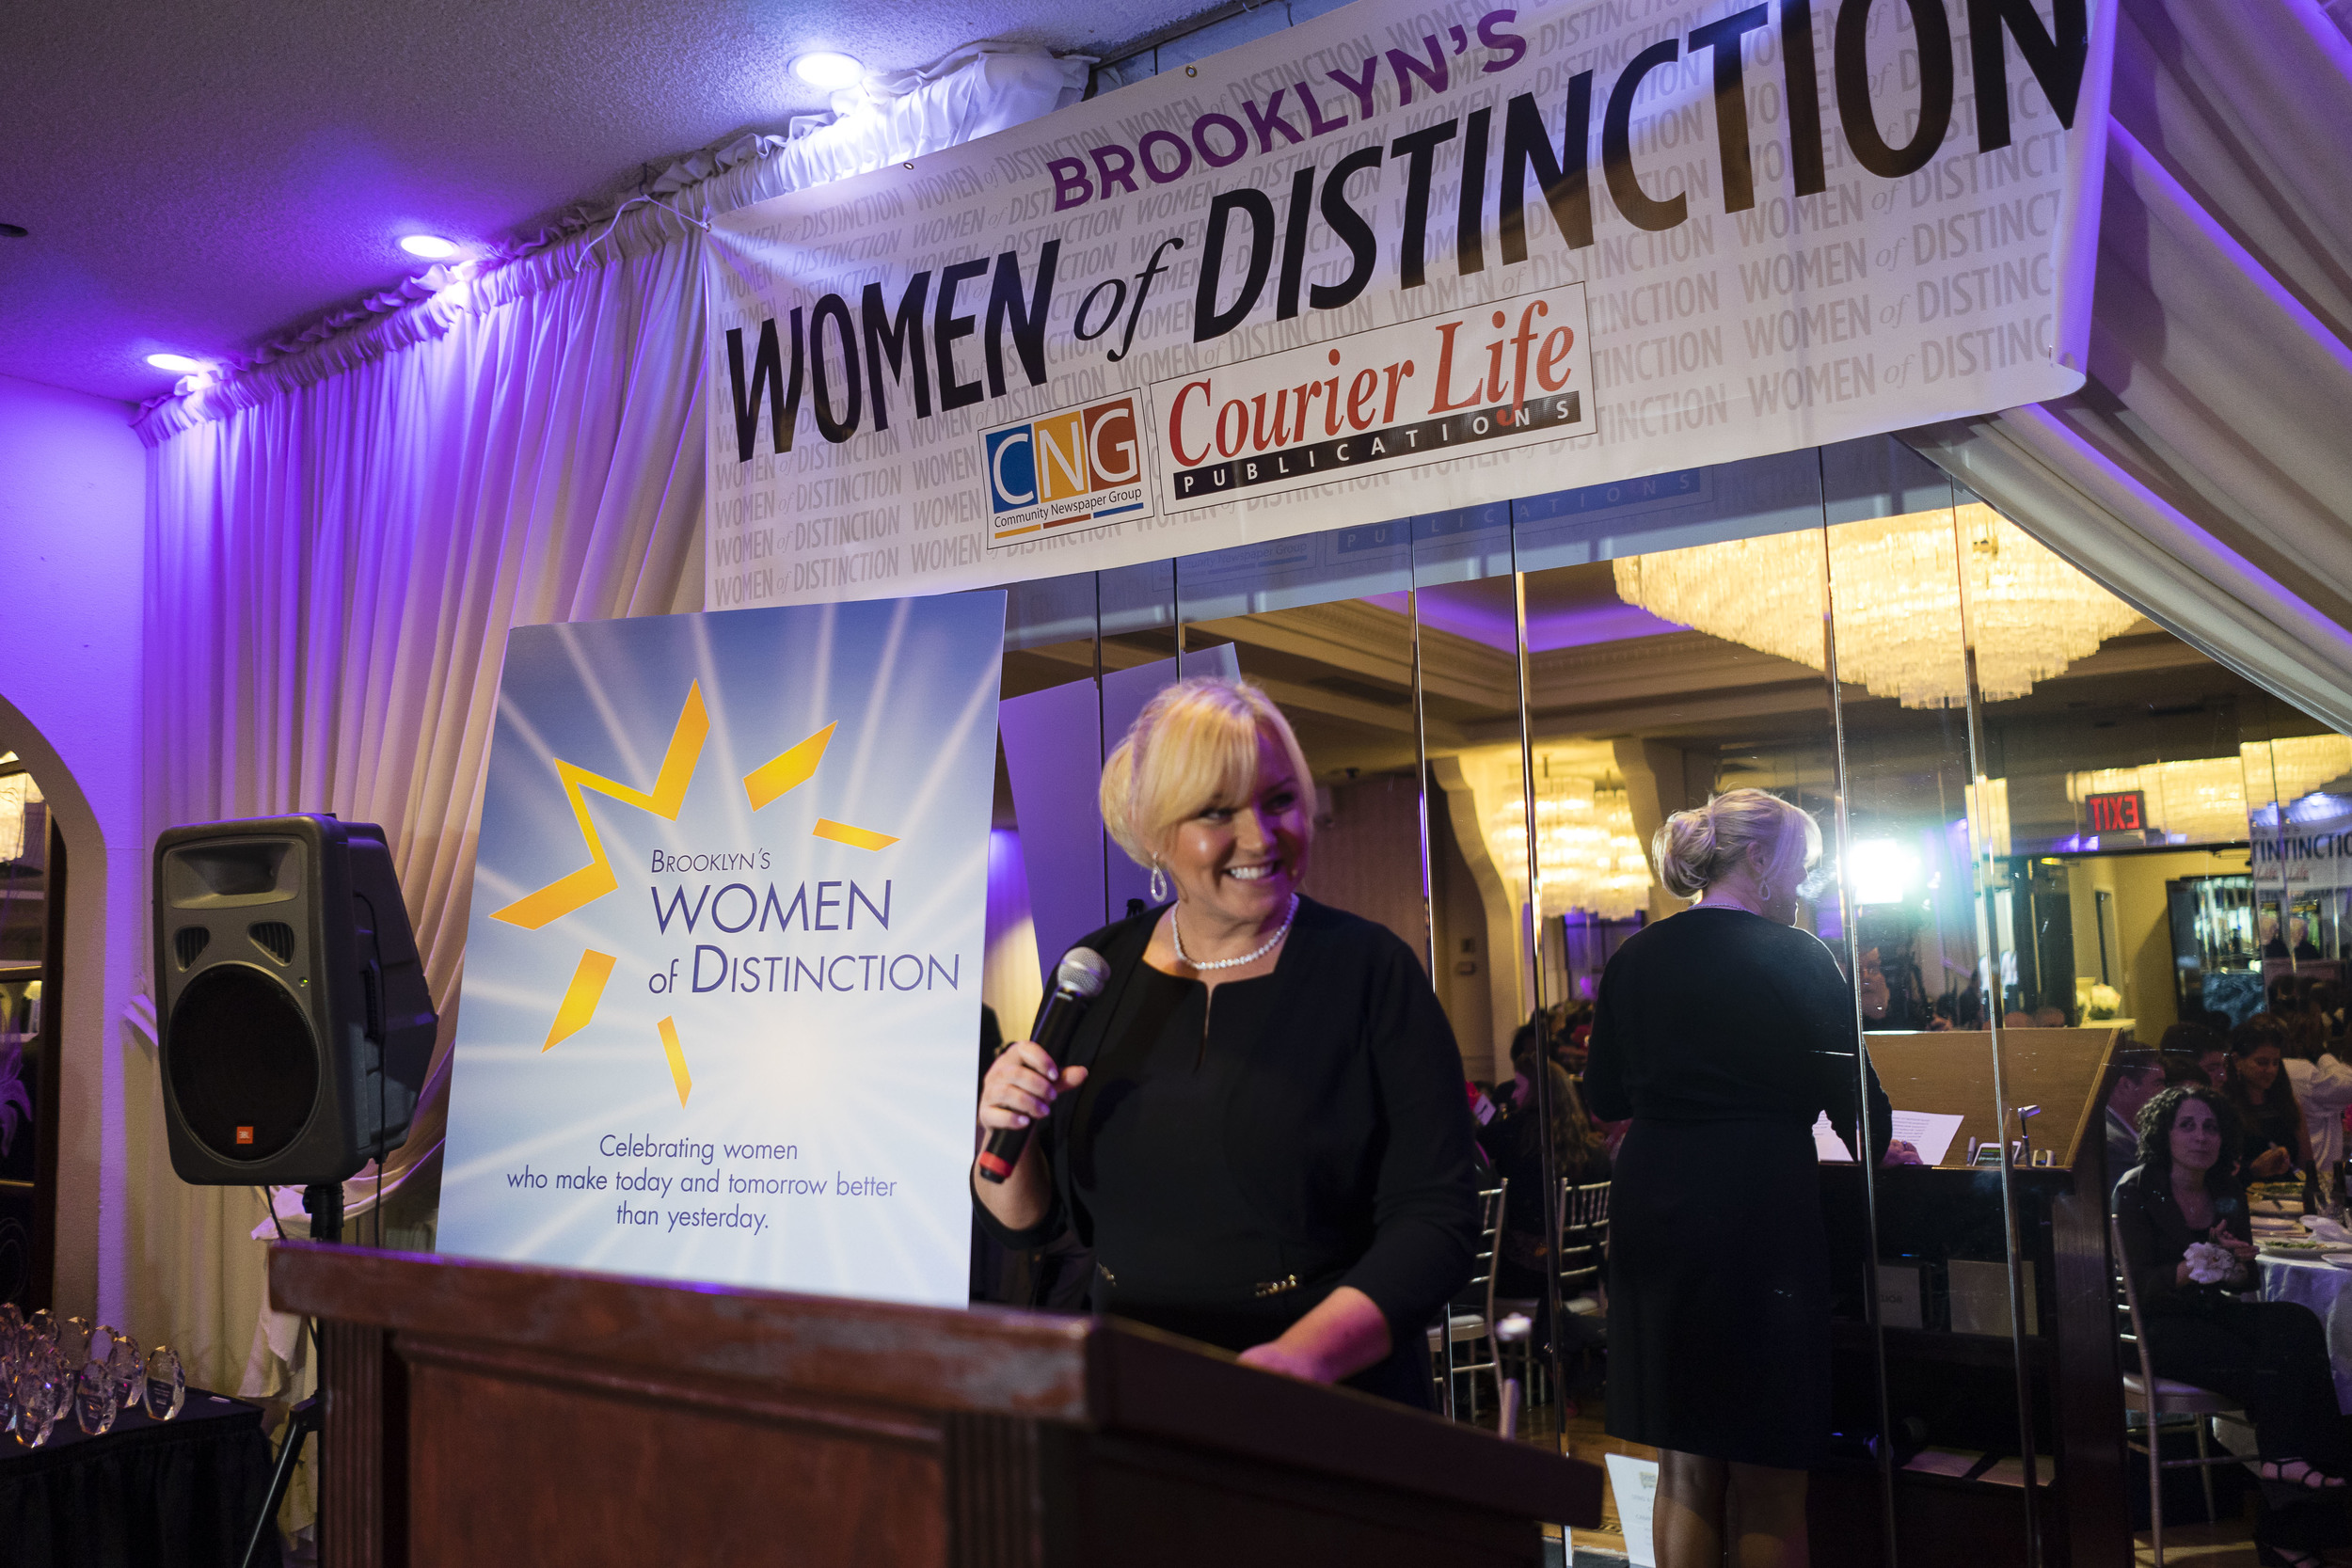 all-women-of-distinction-ceremony-2016-06-10-bk03.jpg